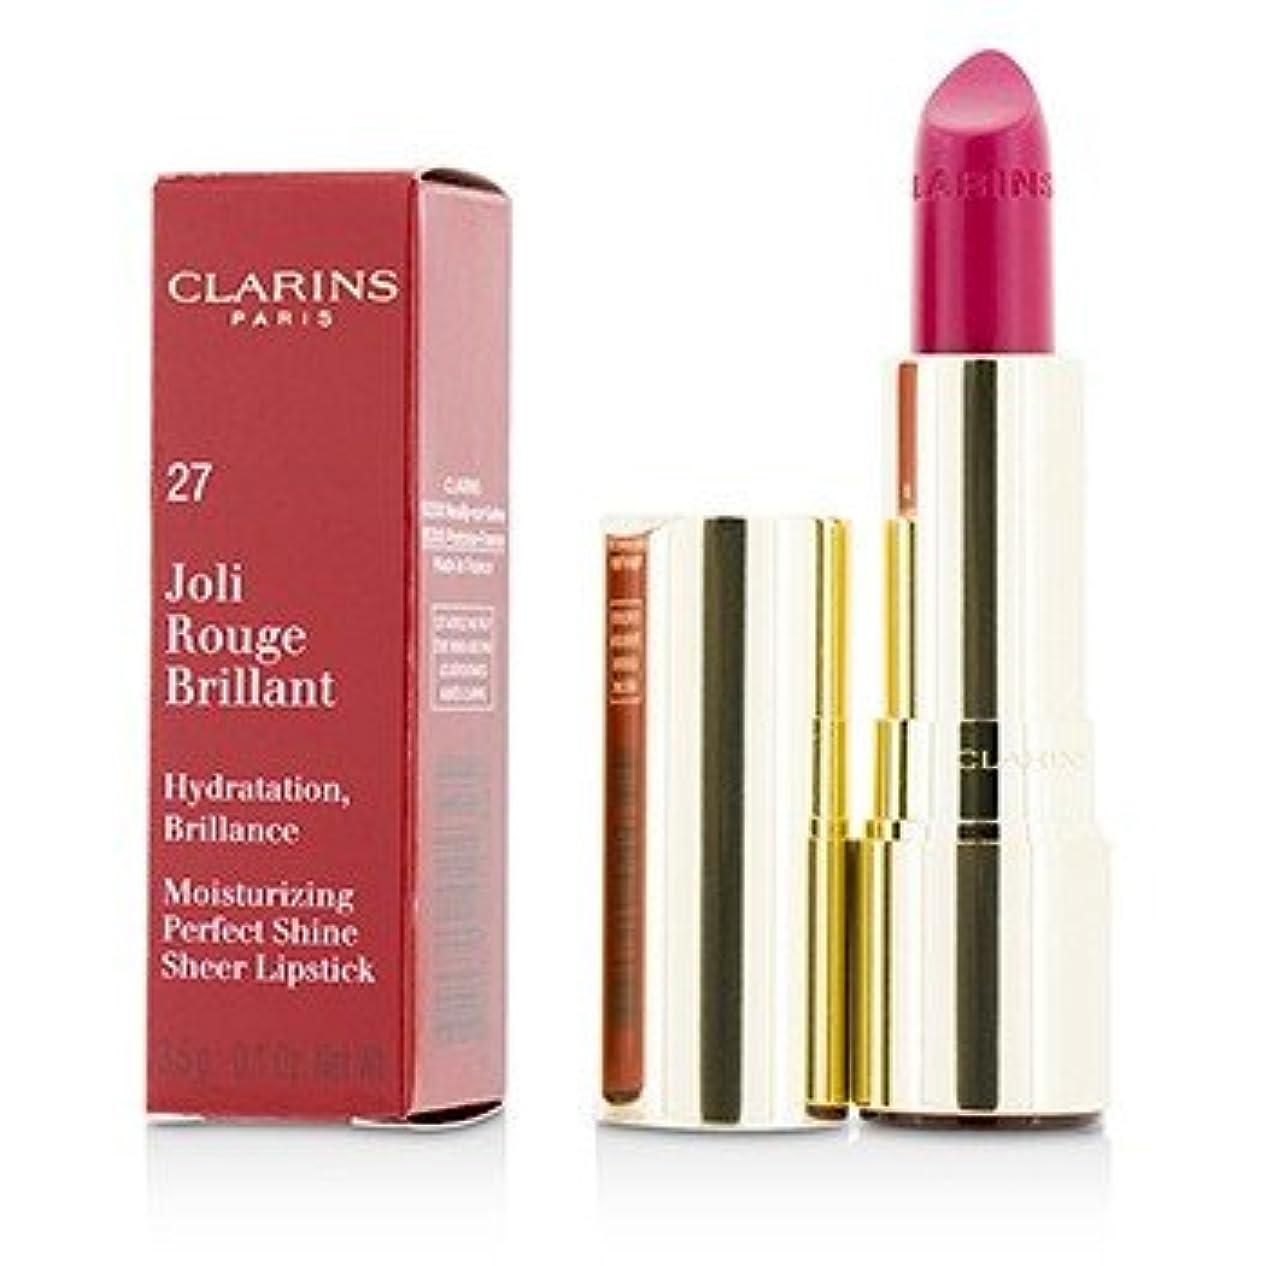 肌スライム以下[Clarins] Joli Rouge Brillant (Moisturizing Perfect Shine Sheer Lipstick) - # 27 Hot Fuchsia 3.5g/0.1oz